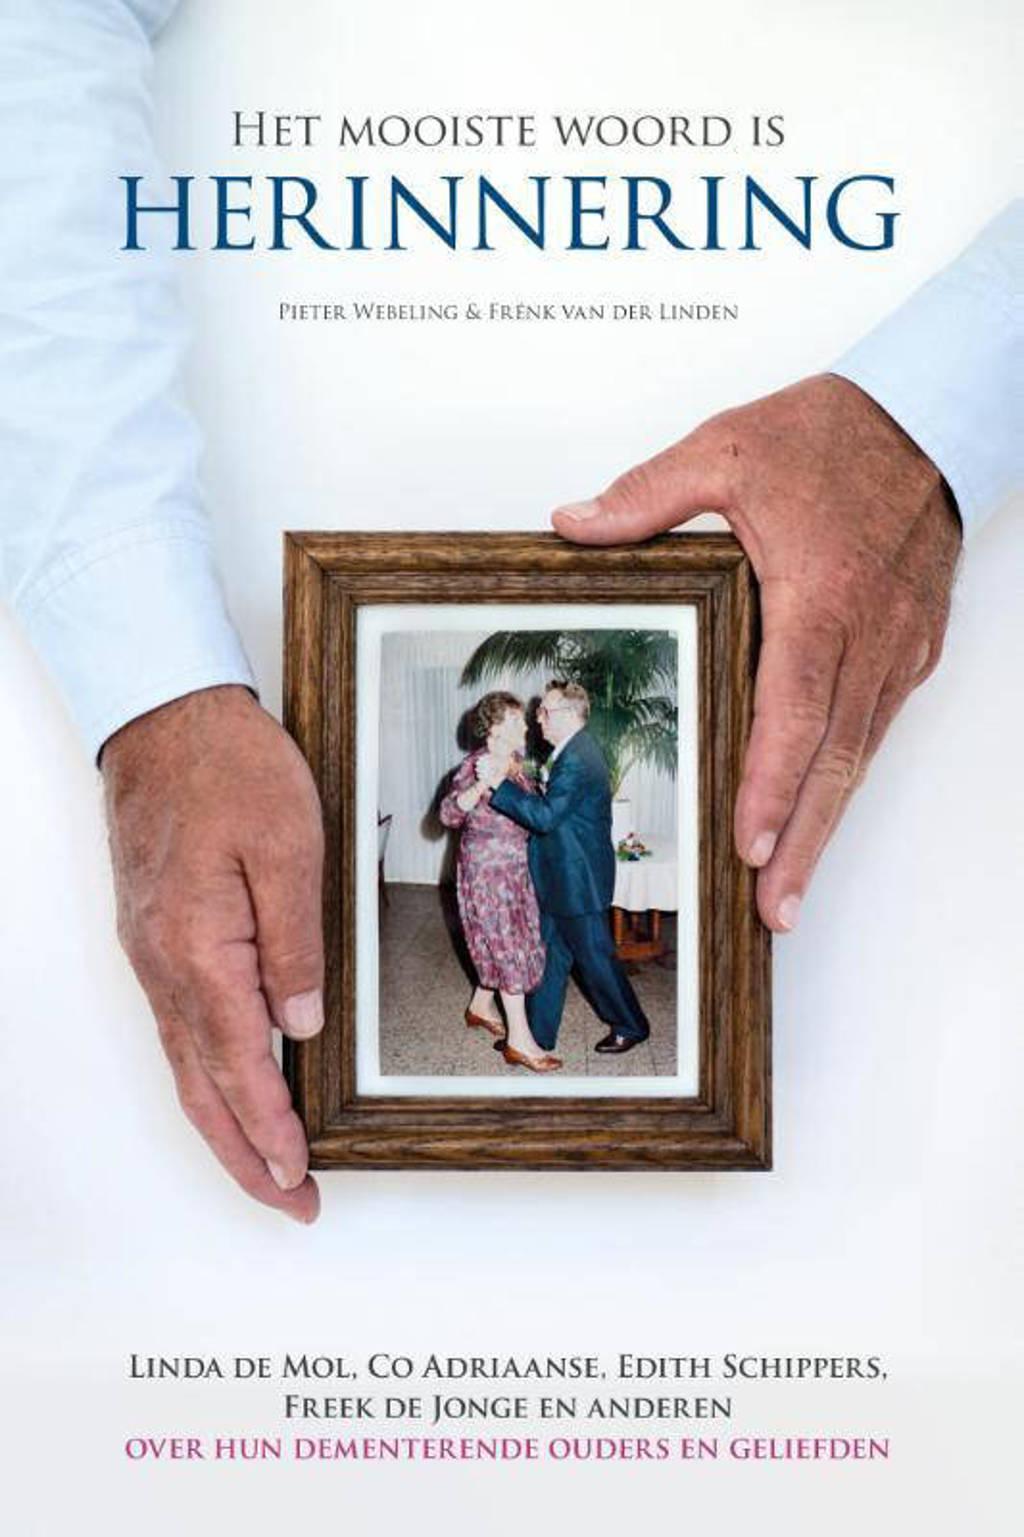 Het mooiste woord is herinnering - Pieter Webeling en Frénk van der Linden